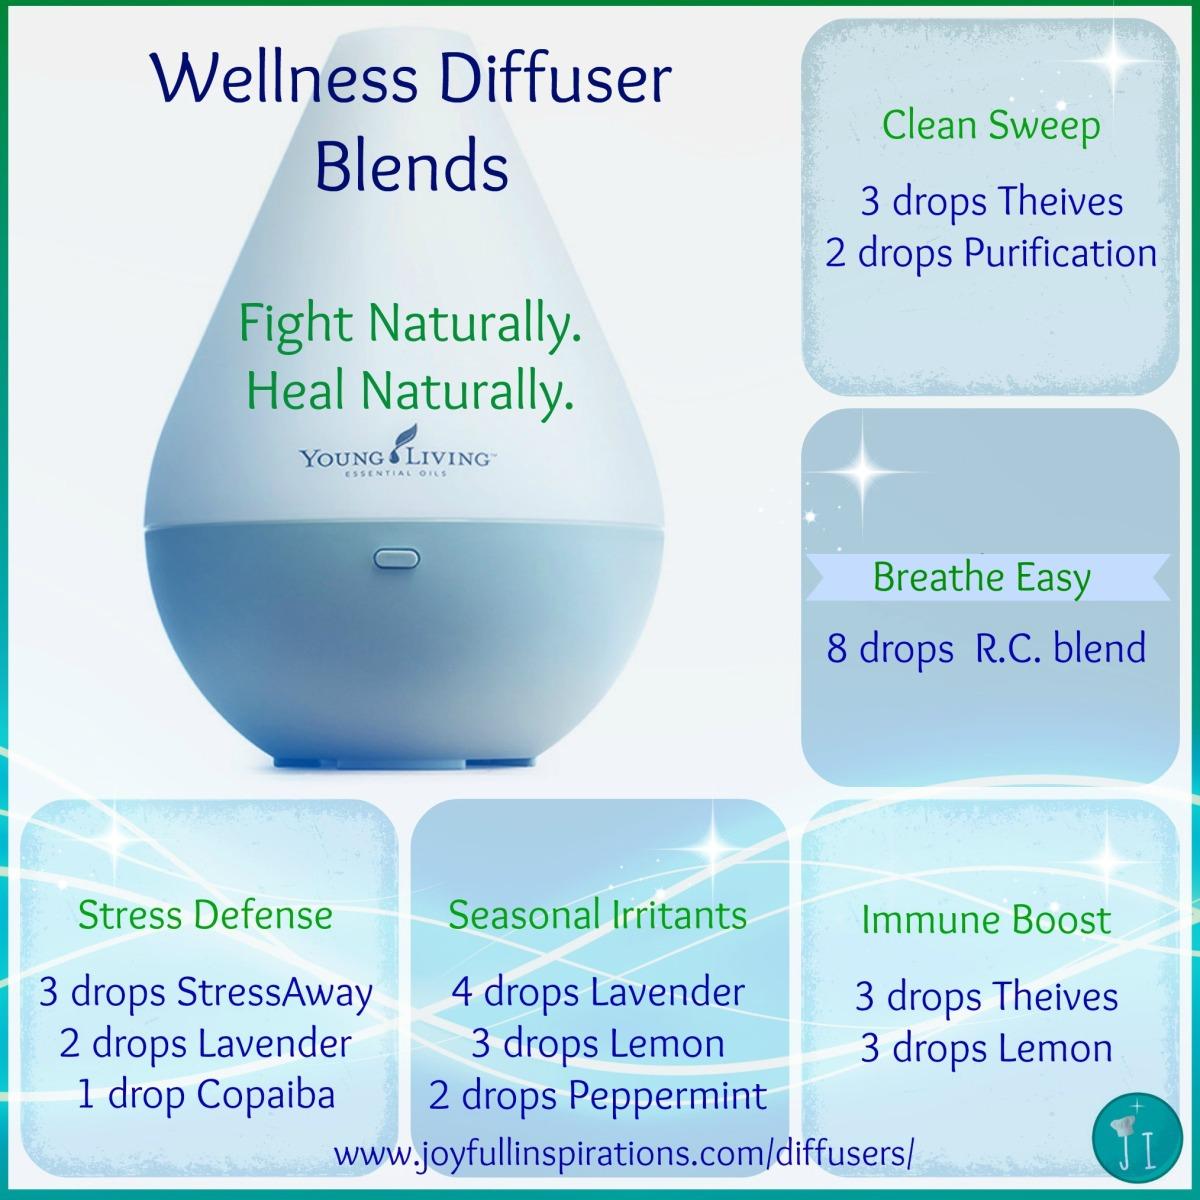 Wellness Diffuser Blends Joyfull Inspirations